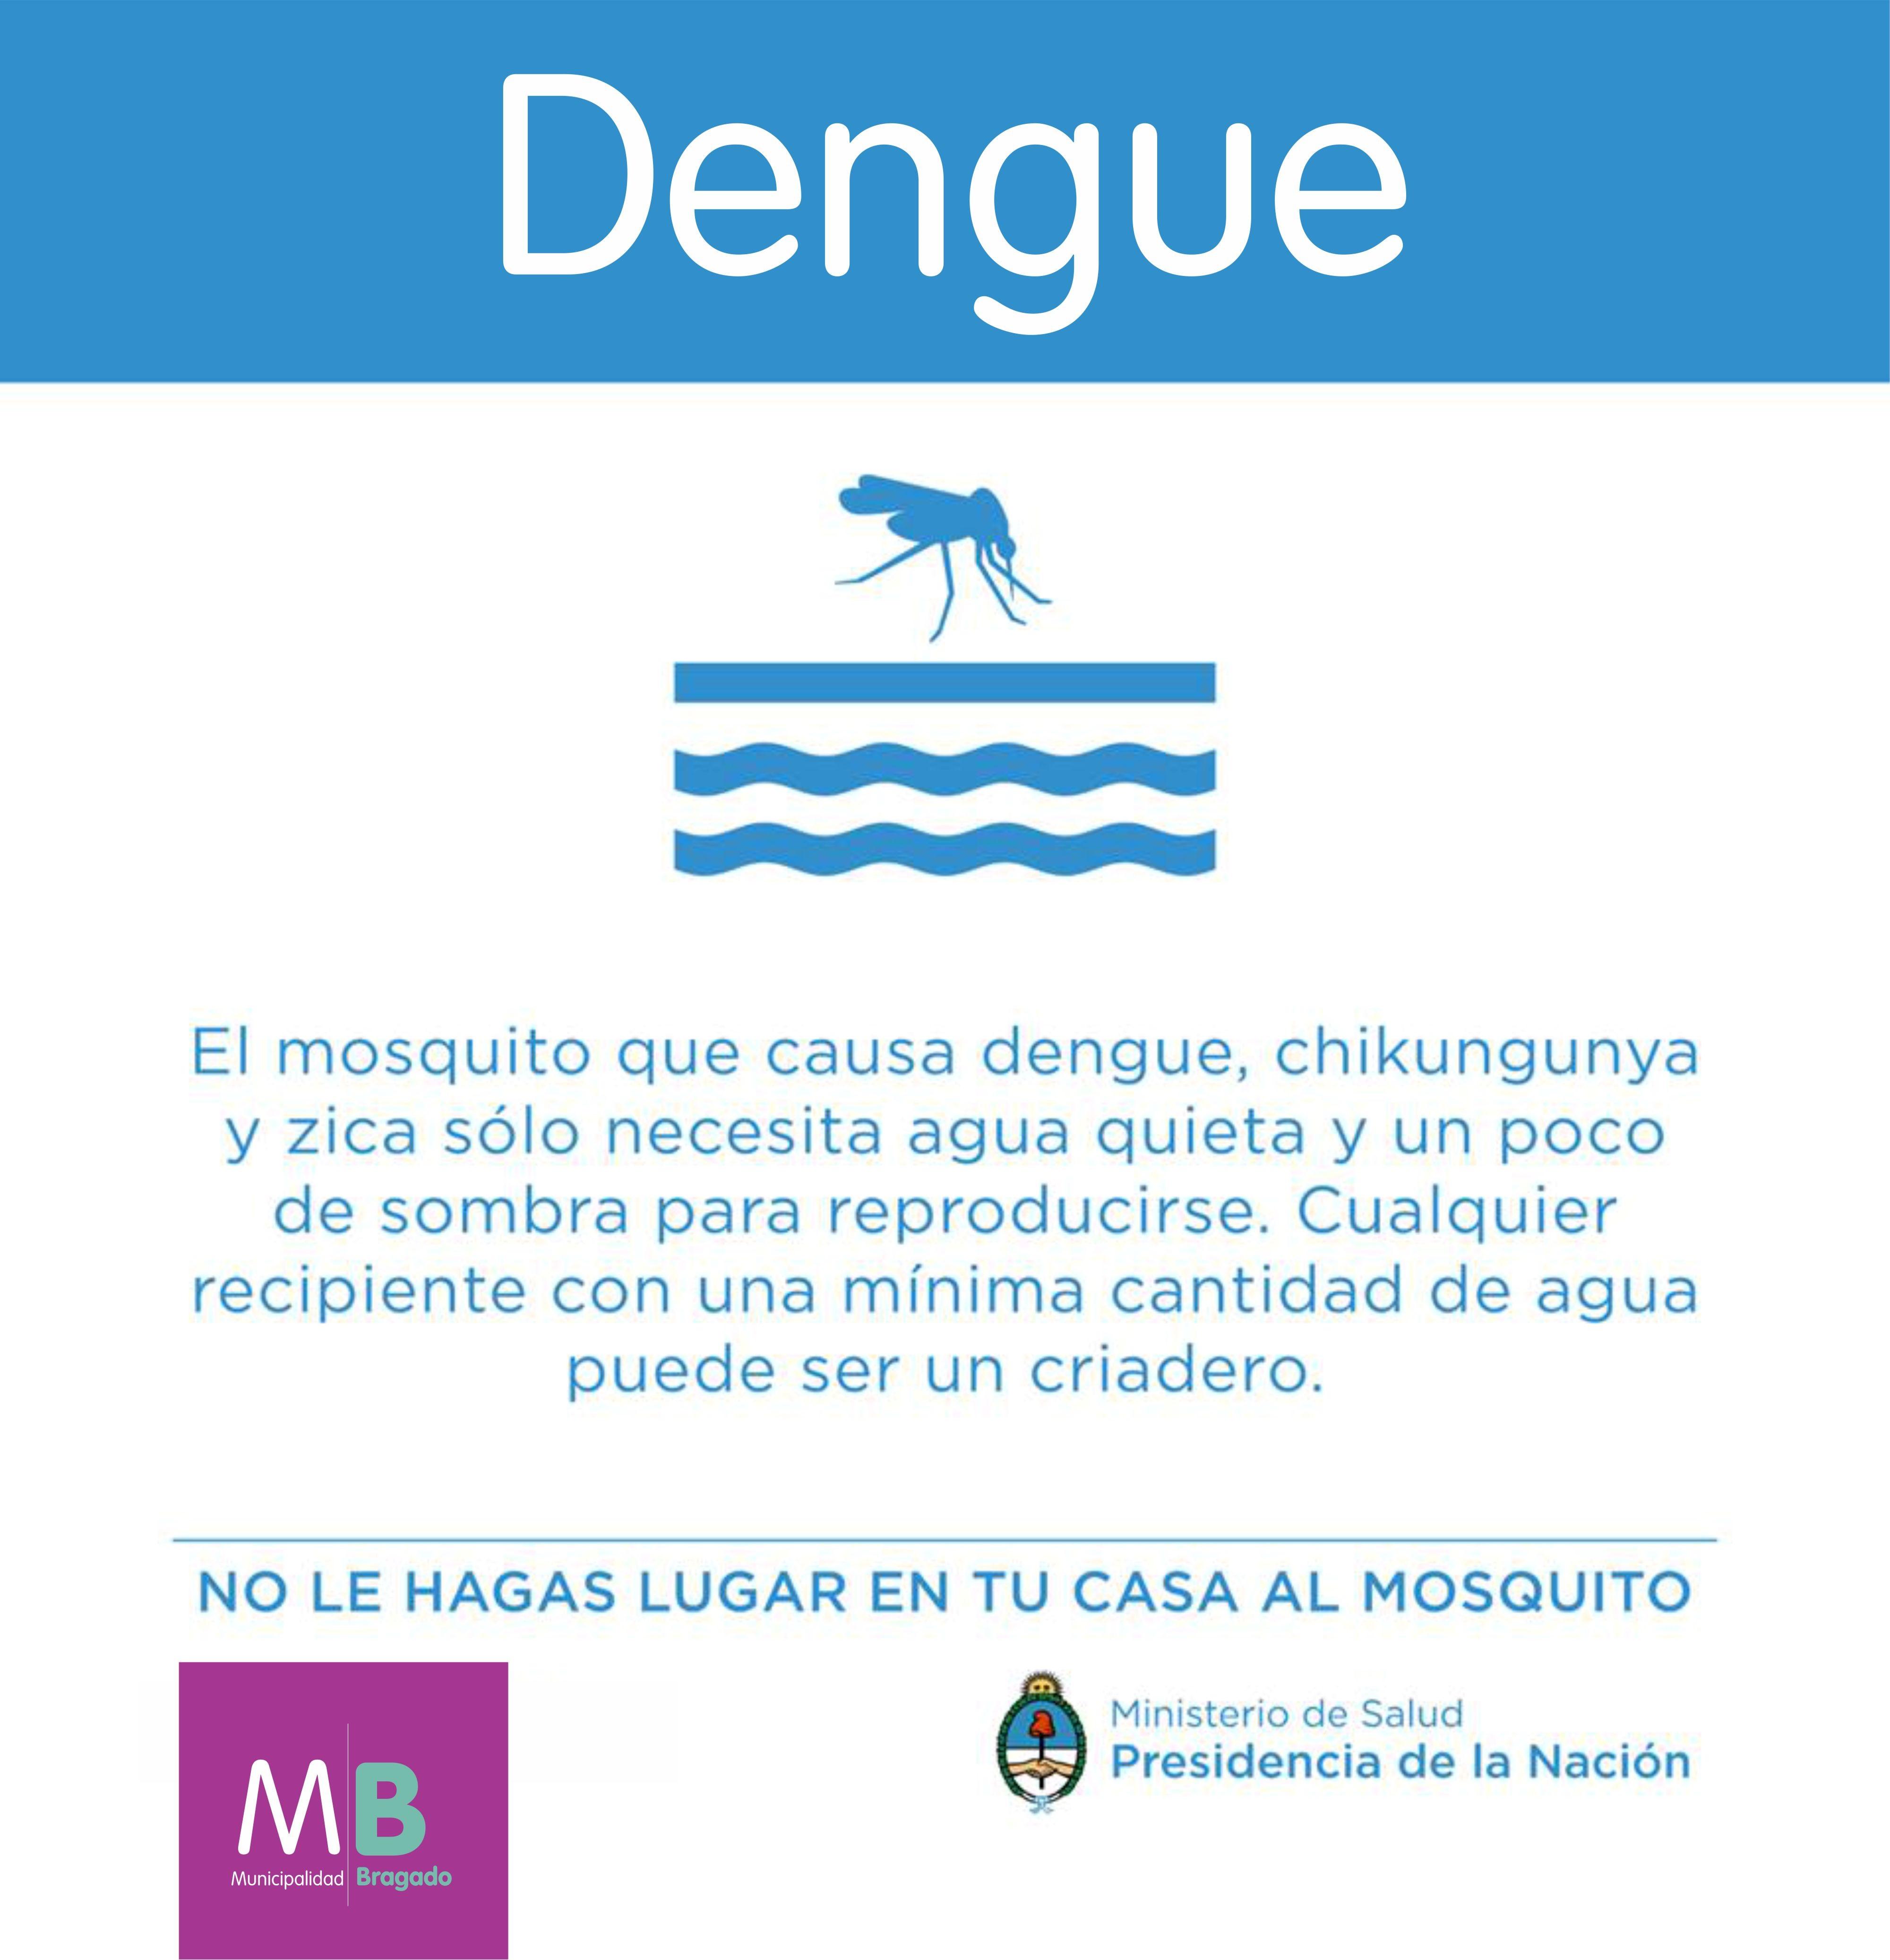 Dengue Info